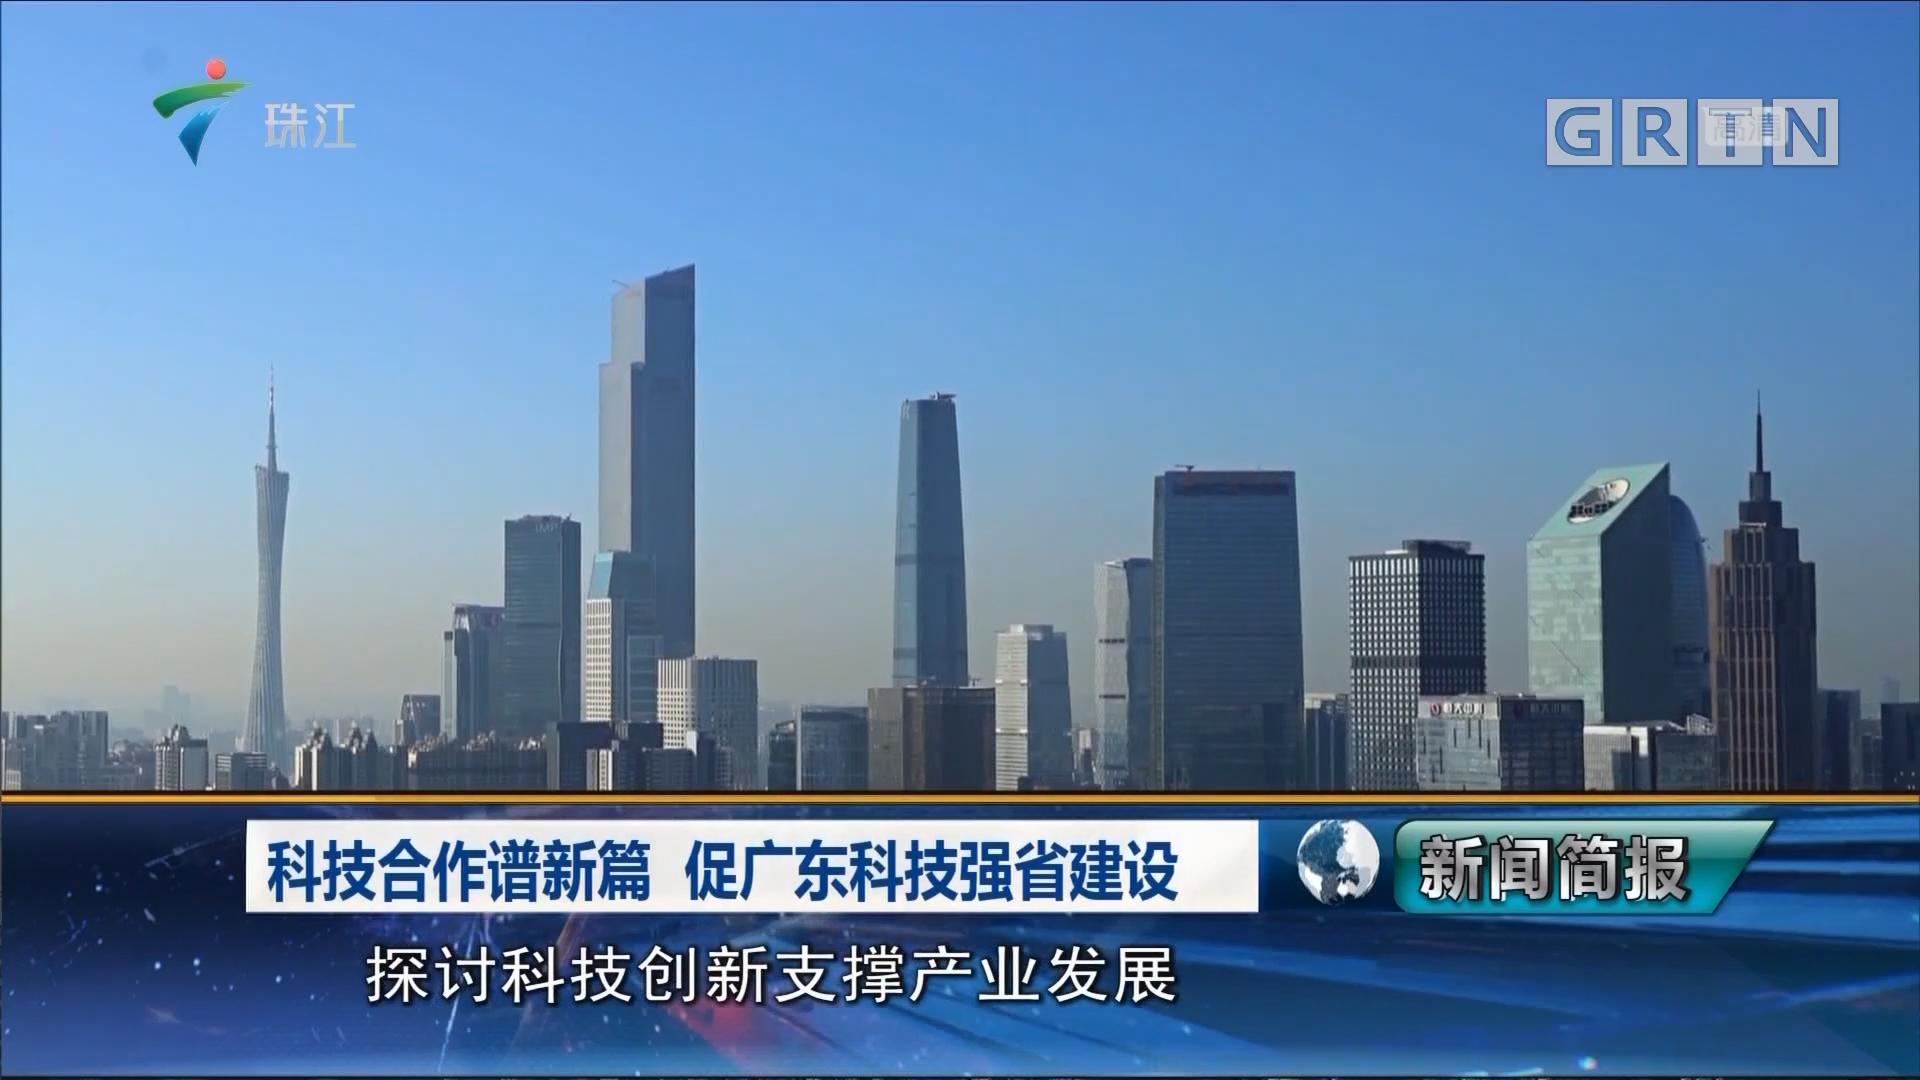 科技合作谱新篇 促广东科技强省建设